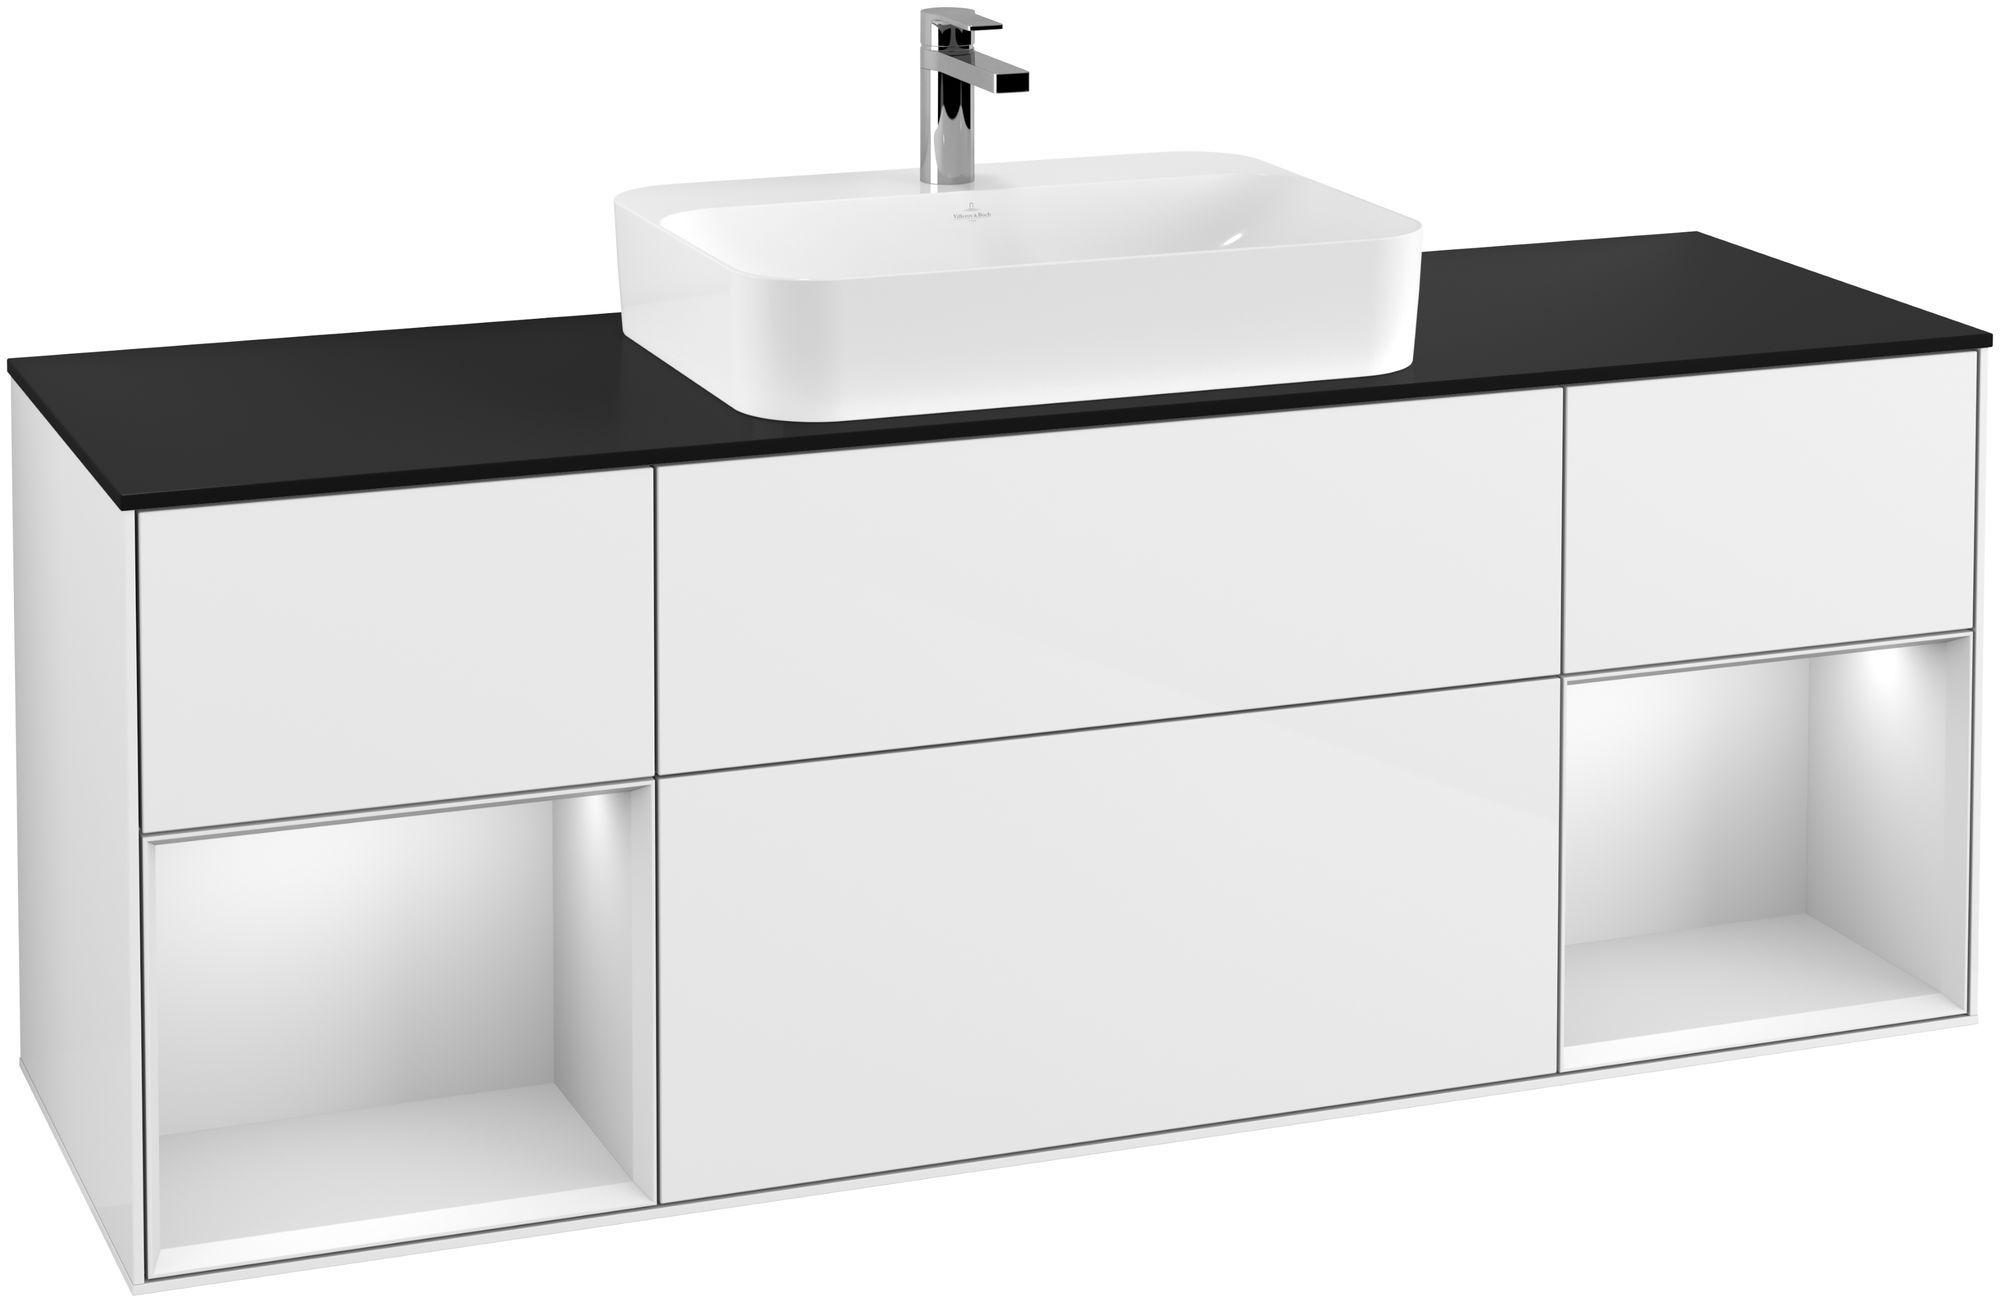 Villeroy & Boch Finion G45 Waschtischunterschrank mit Regalelement 4 Auszüge Waschtisch mittig LED-Beleuchtung B:160xH:60,3xT:50,1cm Front, Korpus: Glossy White Lack, Regal: Weiß Matt Soft Grey, Glasplatte: Black Matt G452MTGF